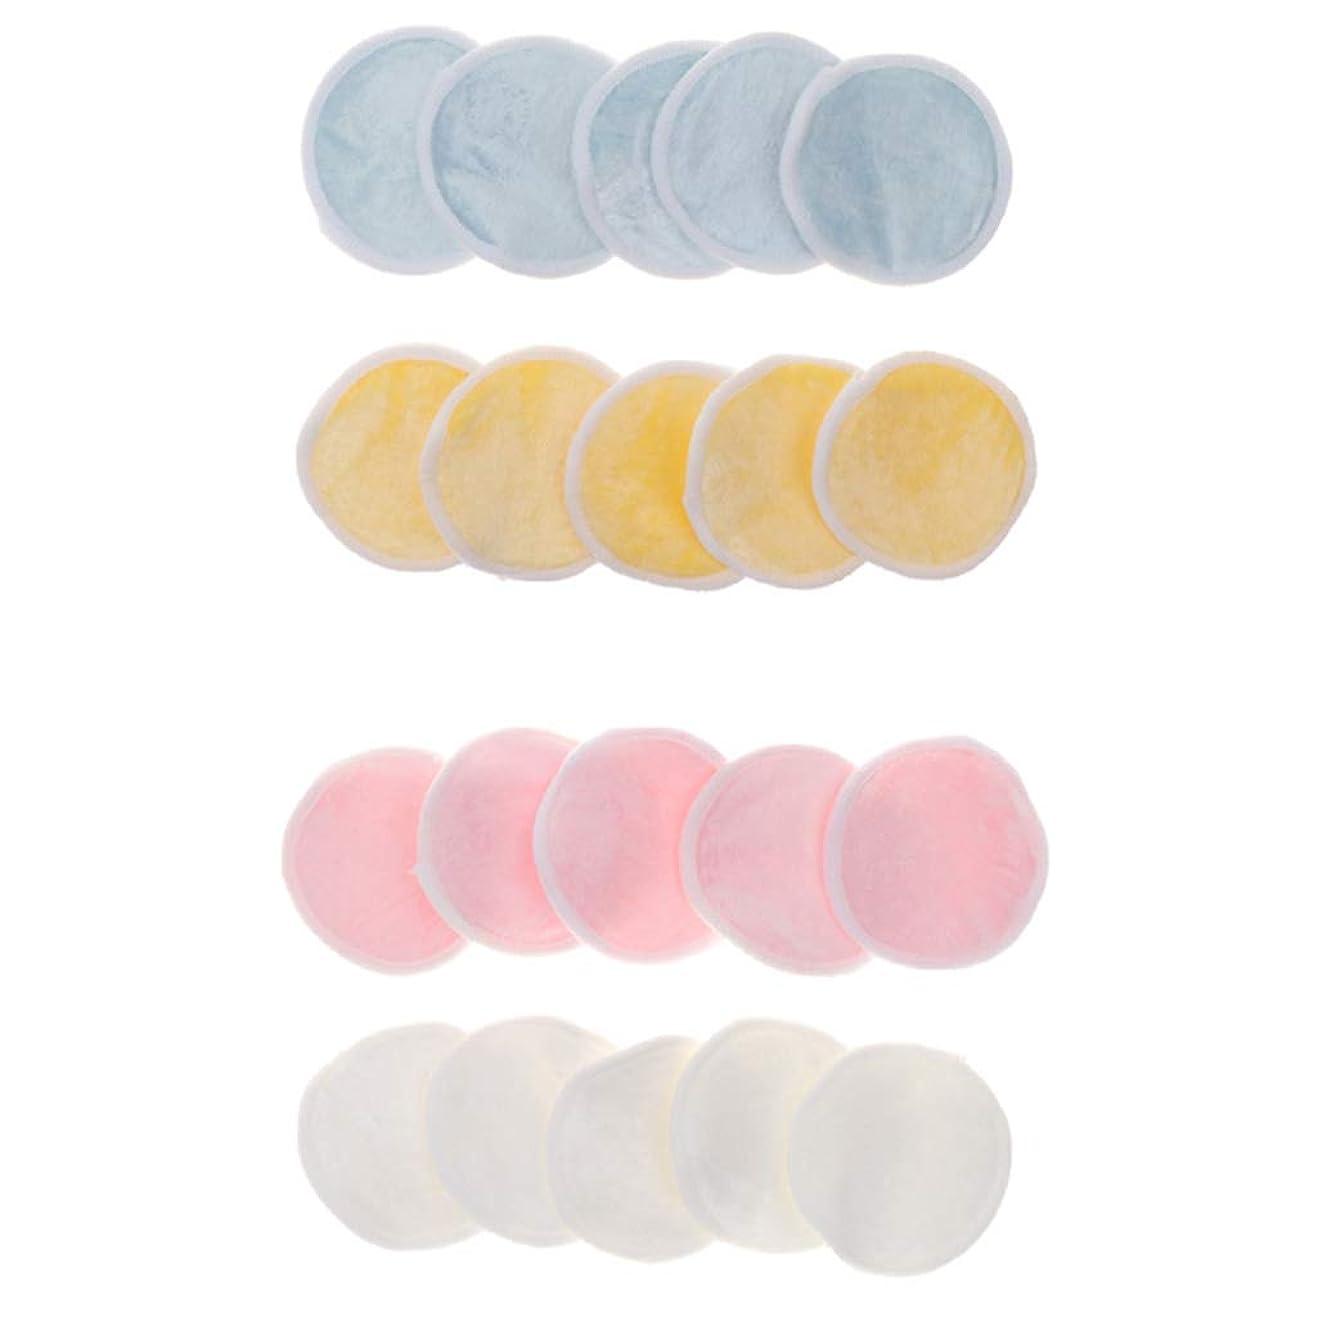 硬化する見つけたほとんどないF Fityle クレンジングシート 化粧落としパッド メイク落としコットン 再使用可 化粧用 持ち運びに便利 20個入